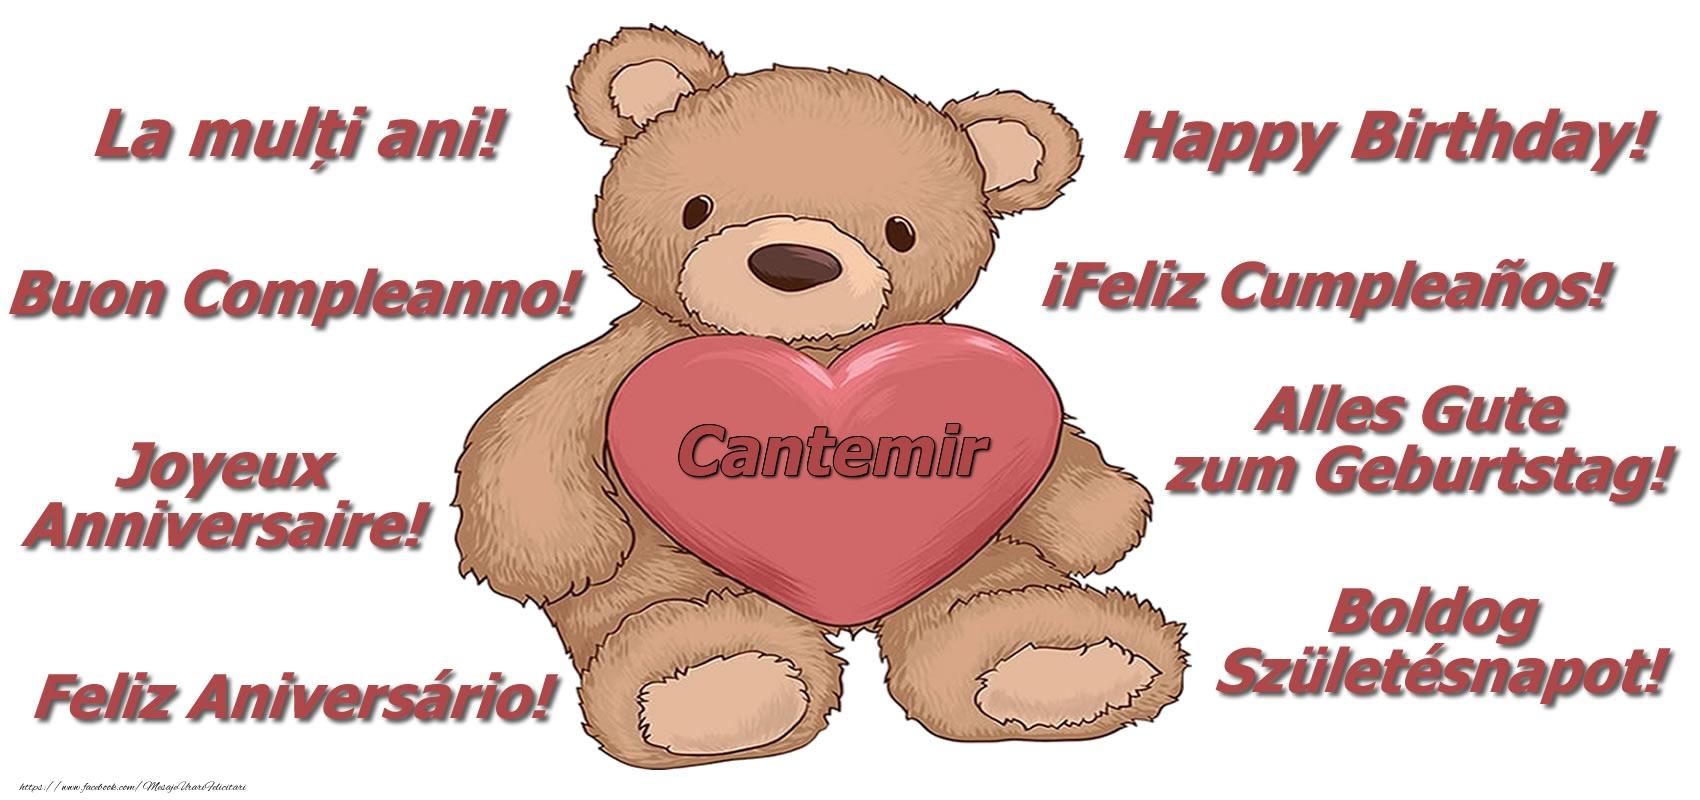 Felicitari de zi de nastere - La multi ani Cantemir! - Ursulet